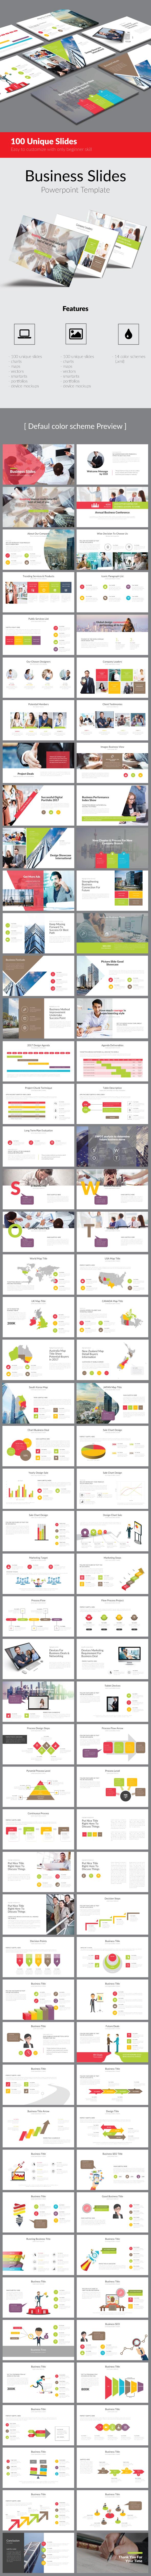 Business Slide Presentation